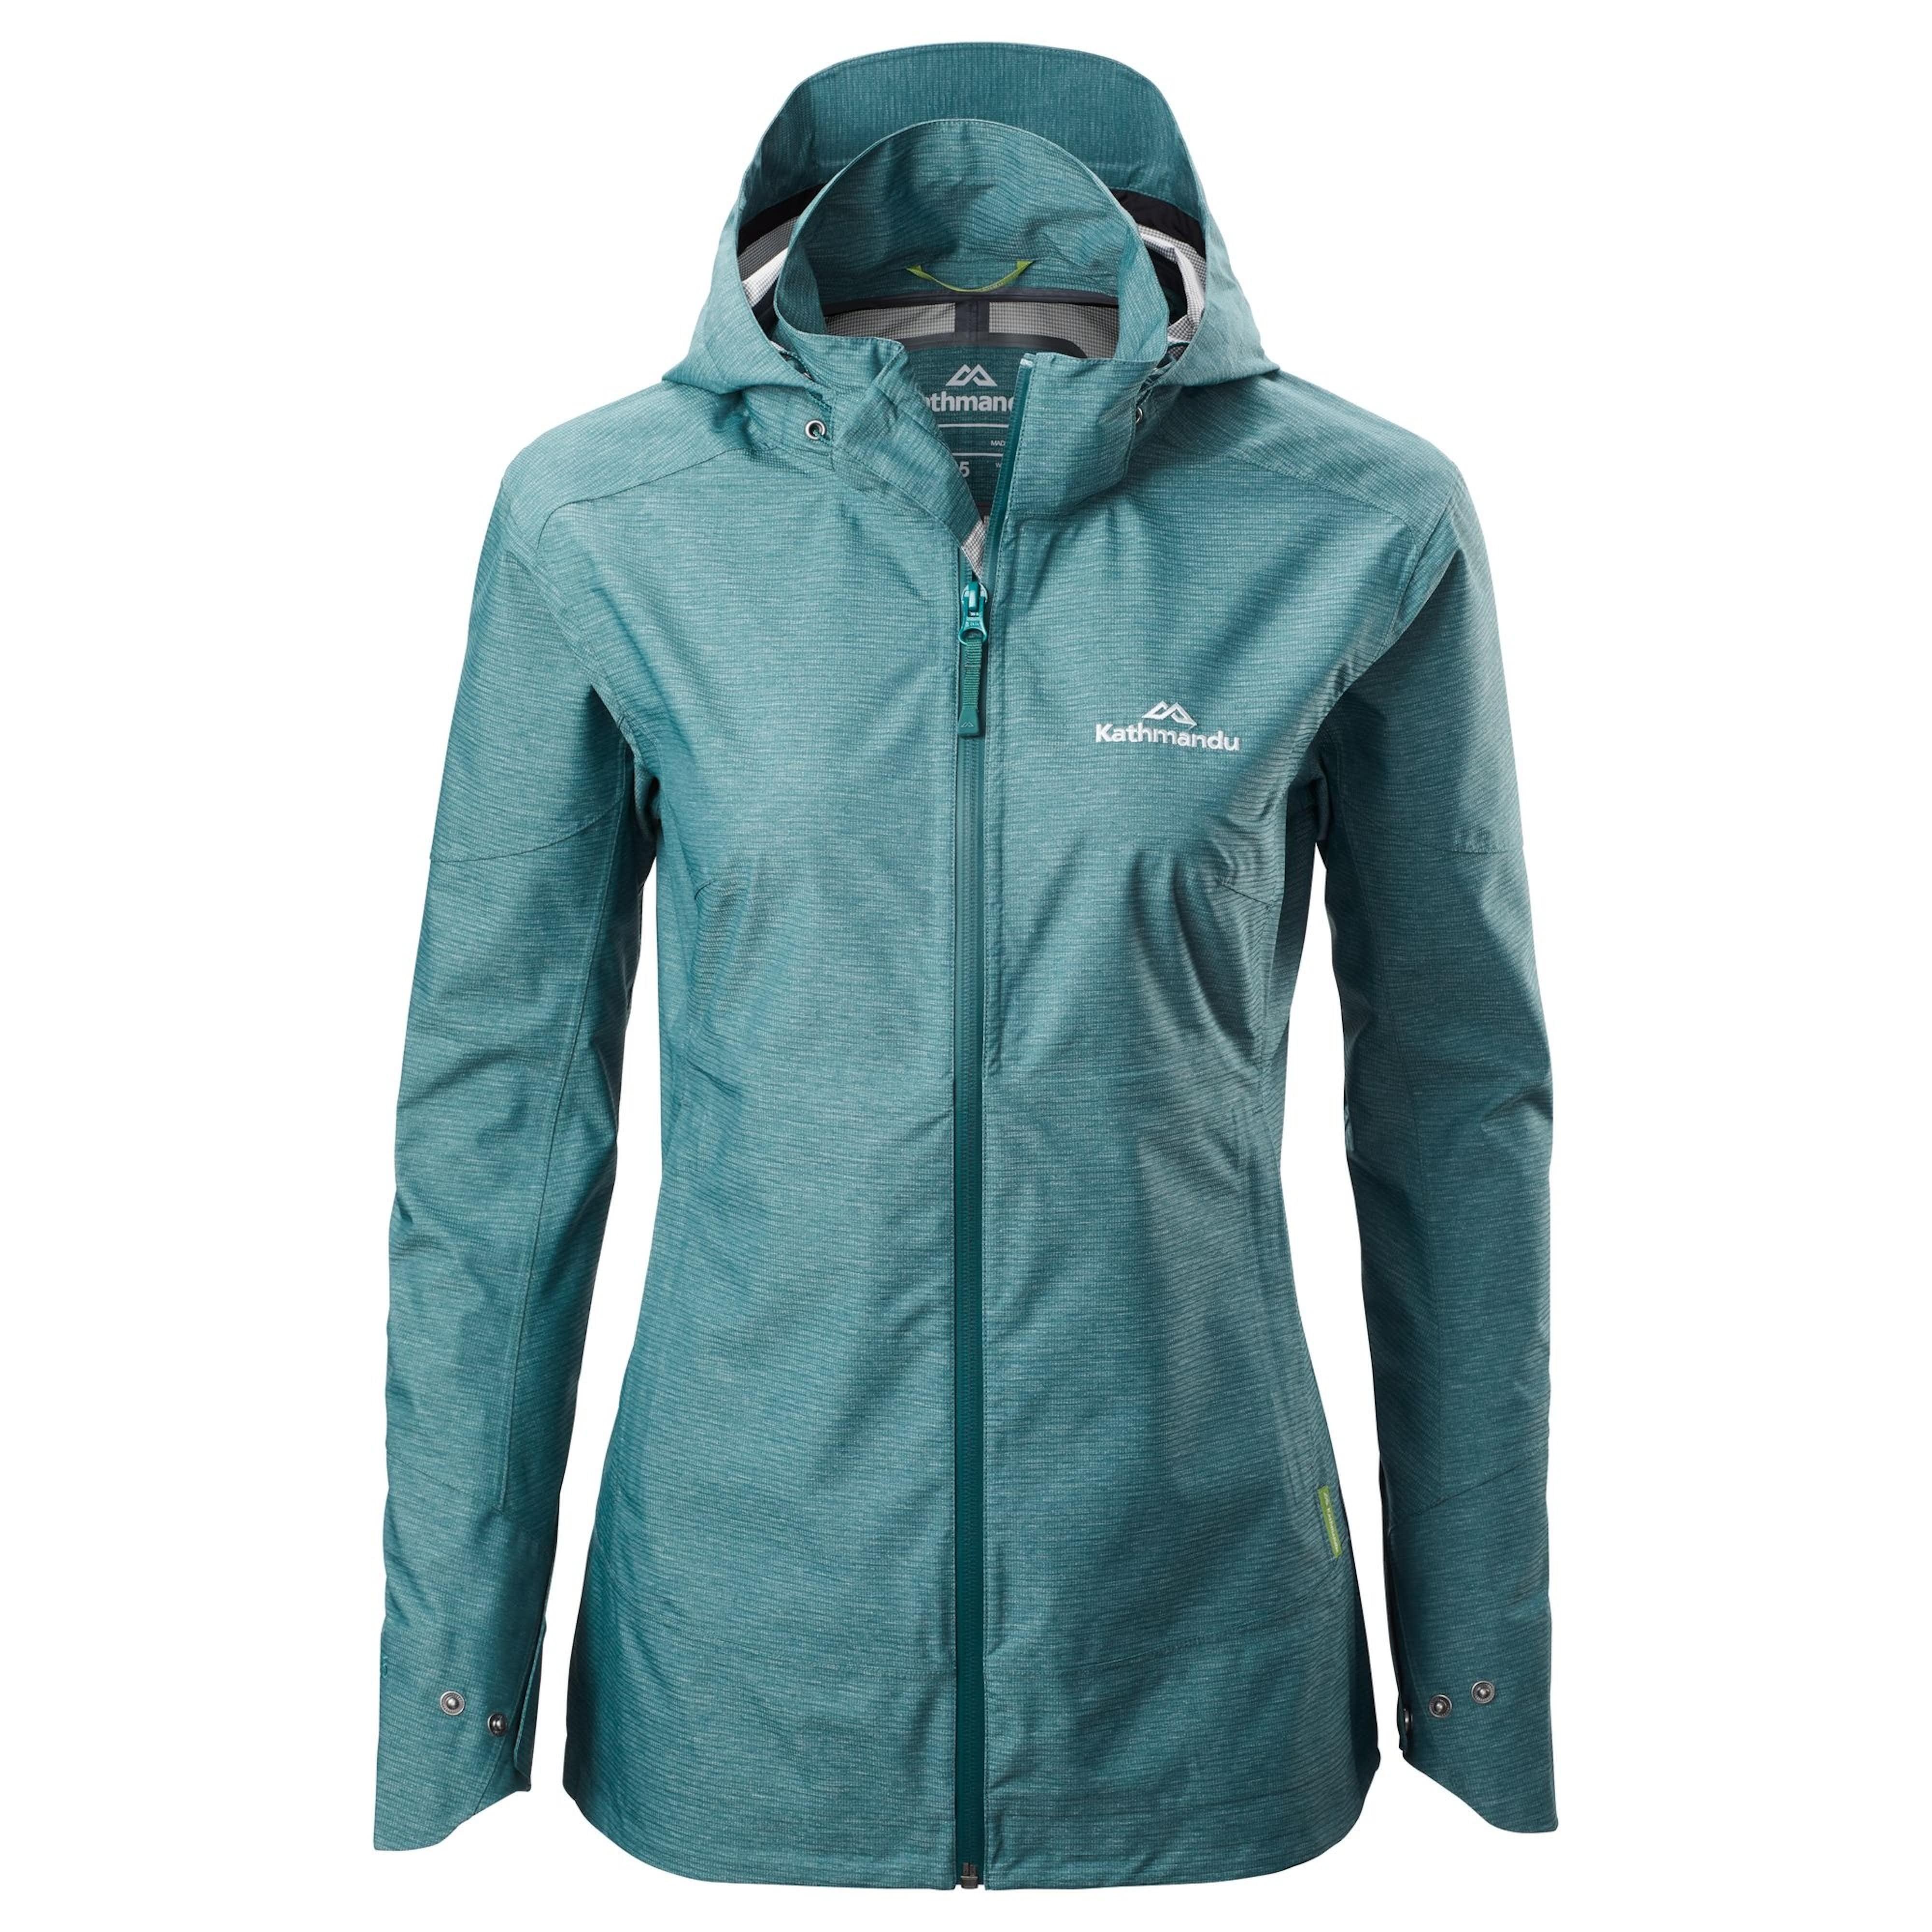 0ce8bc6d12 Clearance of Women's Outdoor Clothing & Gear | Kathmandu NZ